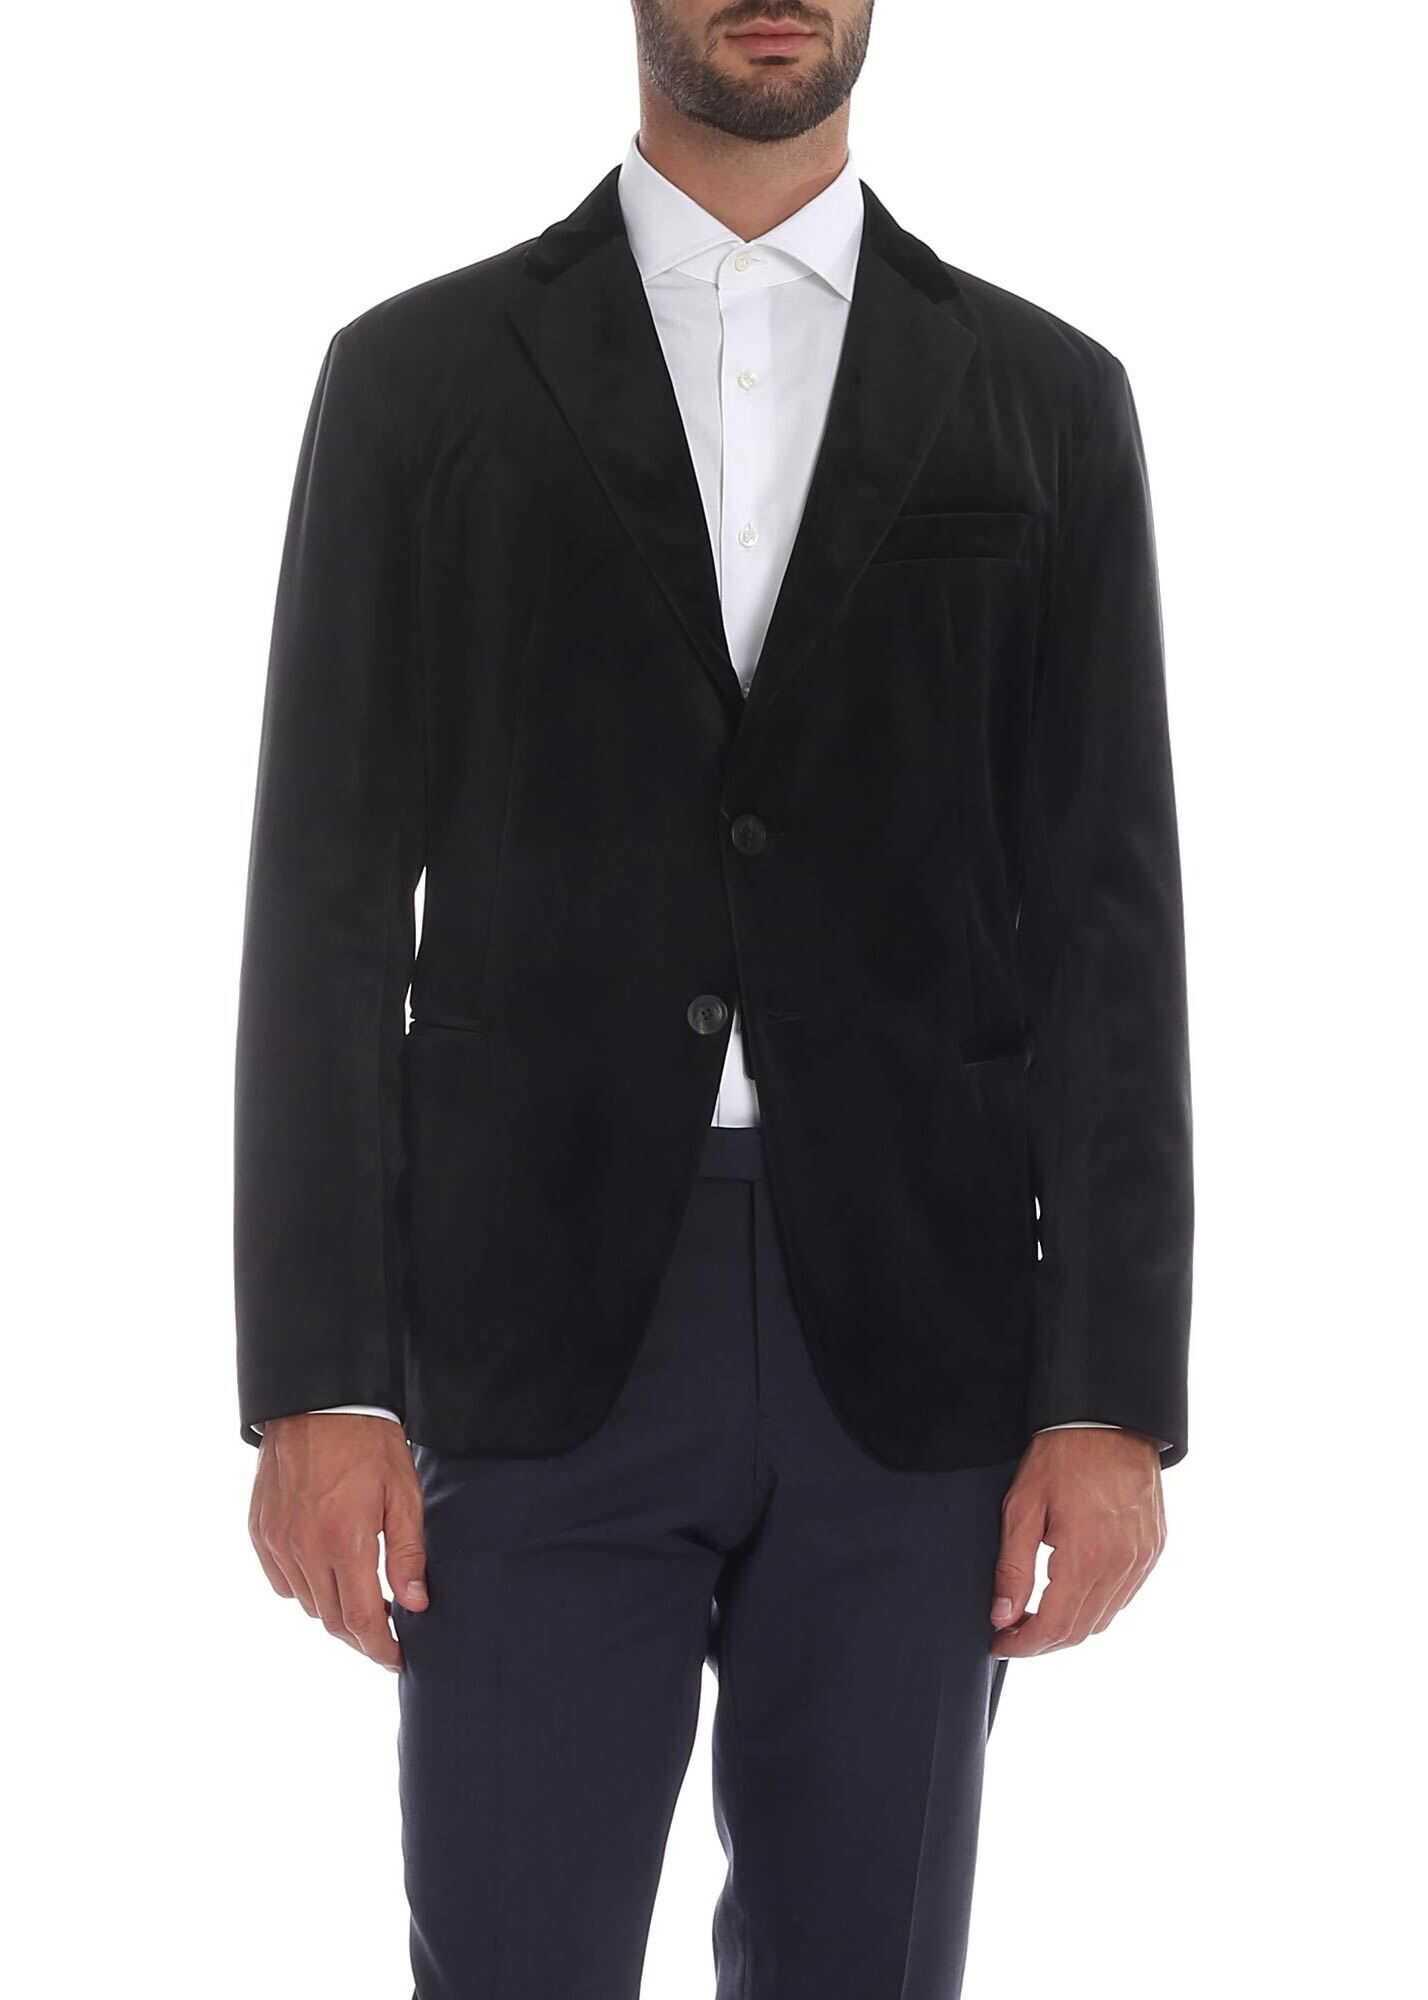 Emporio Armani Black Chenille Jacket Black